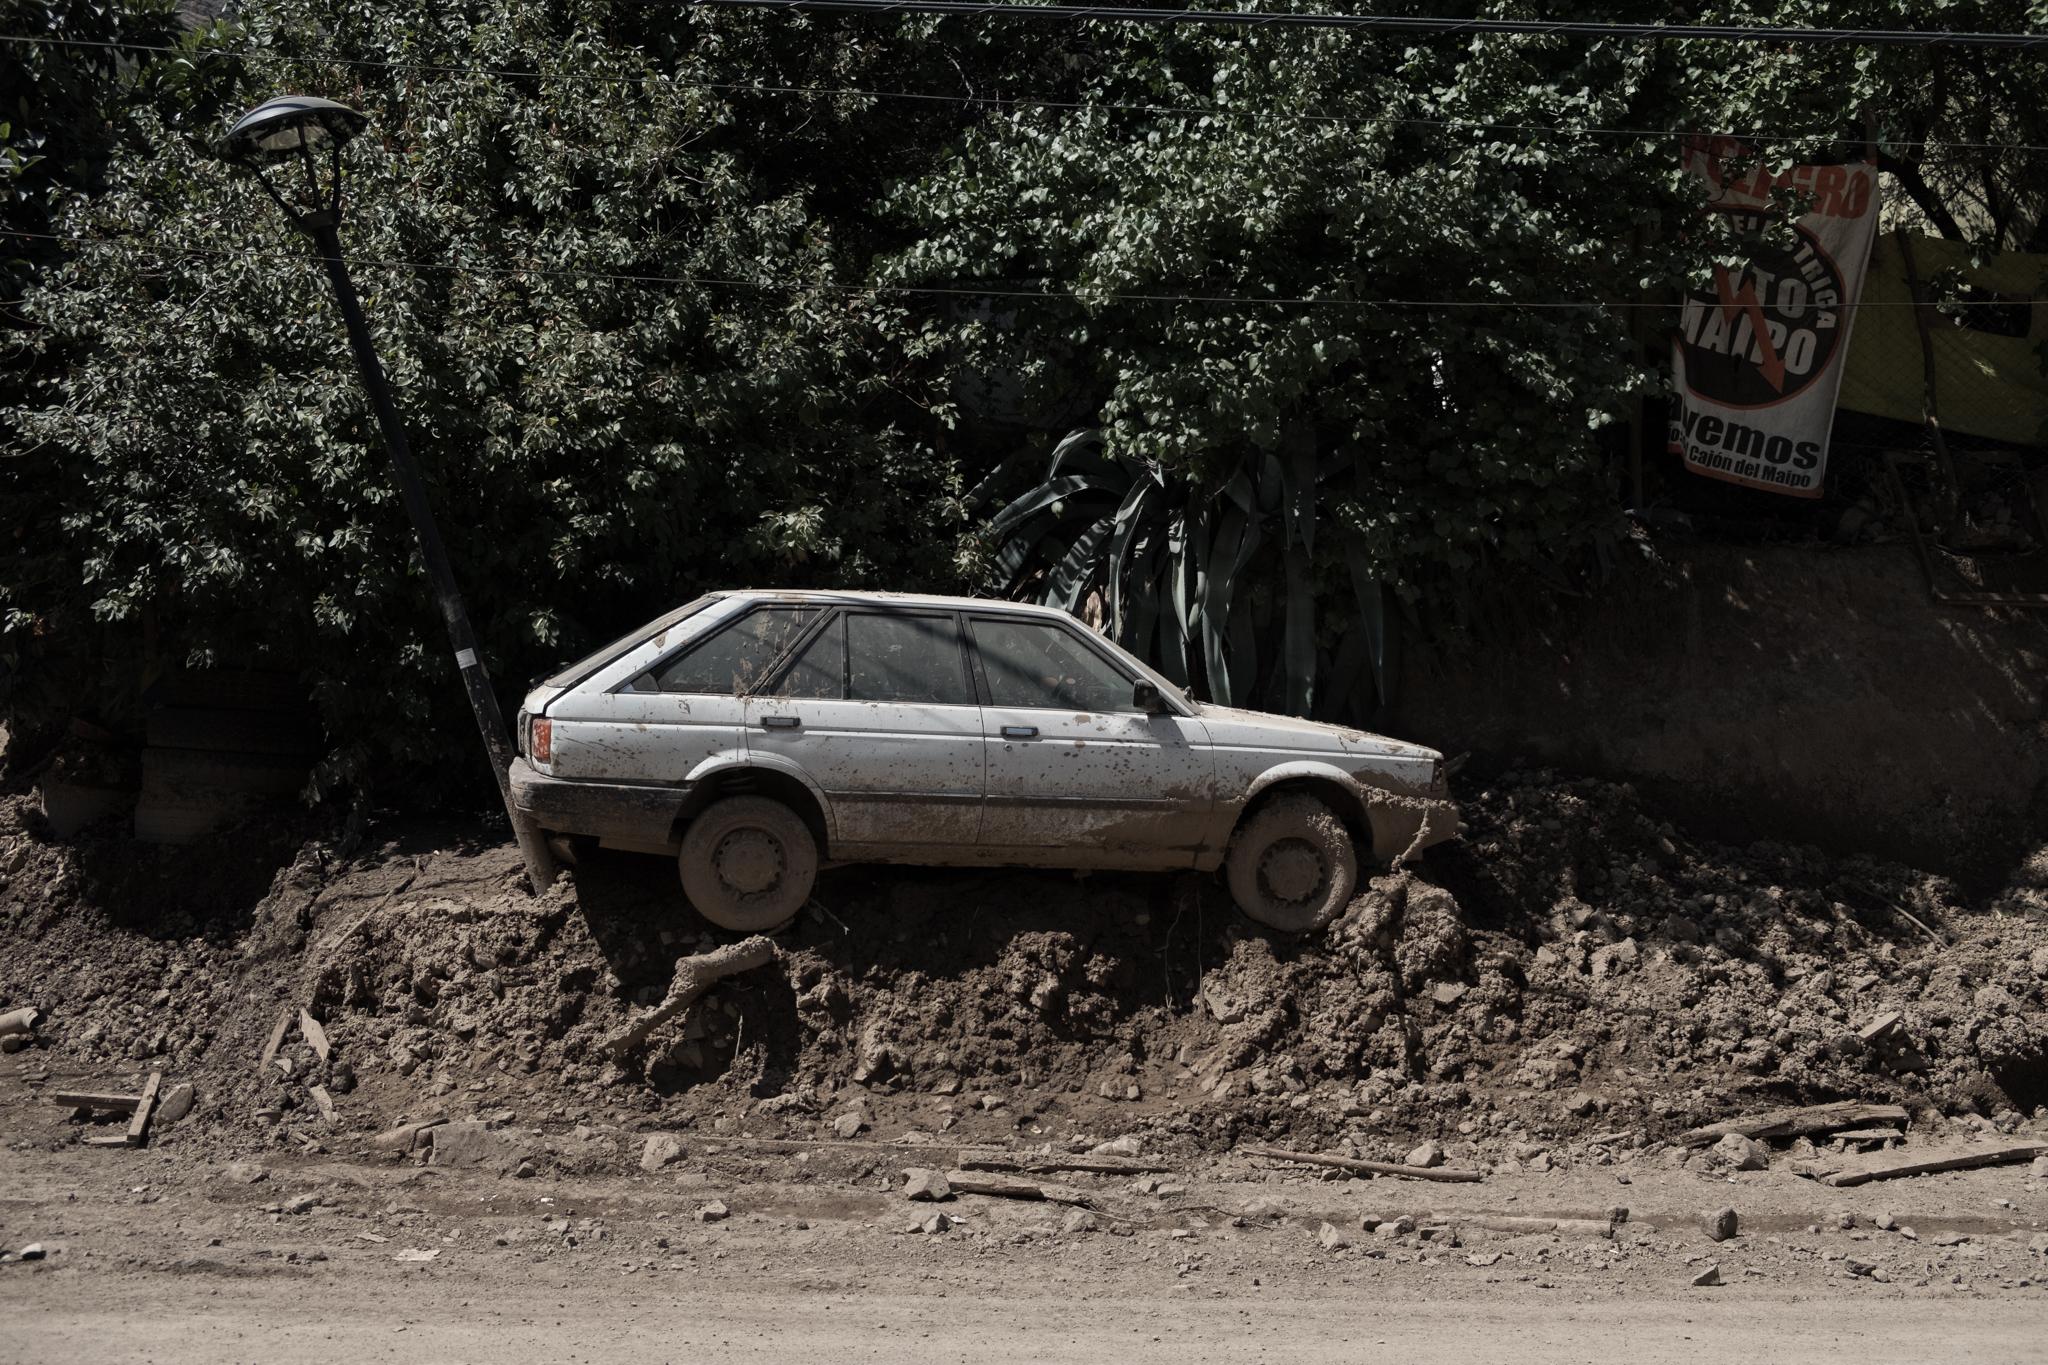 La urgencia de pensar los territorios desde una lógica de cuencas: el caso del Cajón del Maipo ante desastres naturales